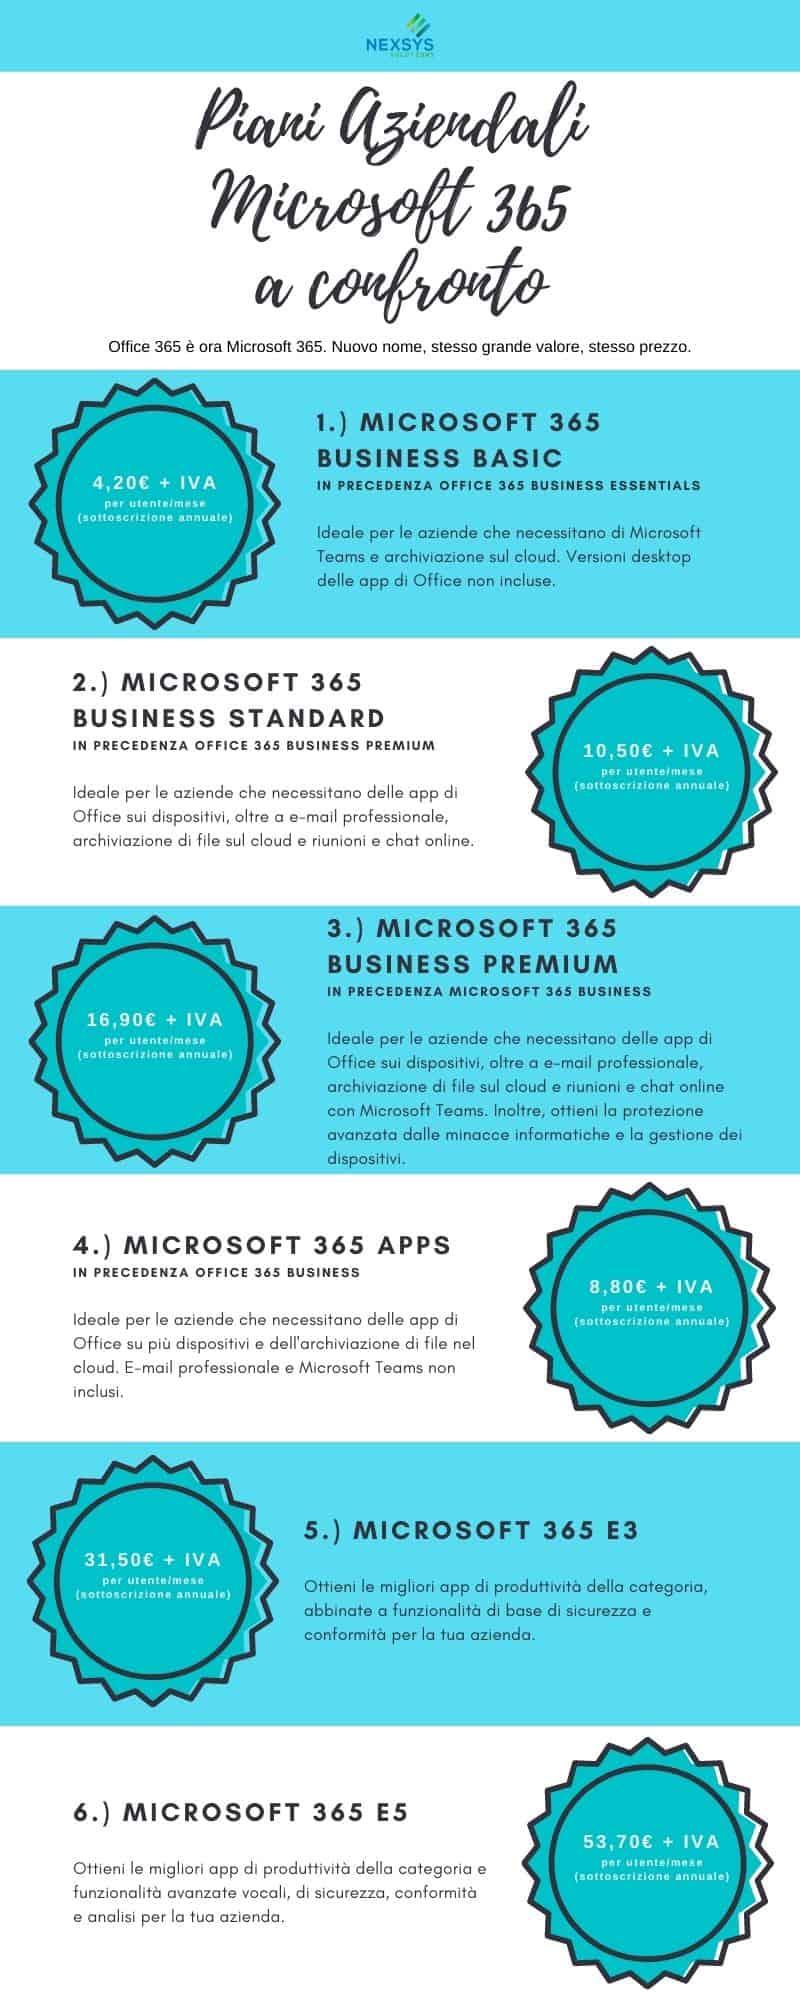 7 motivi per scegliere Office 365 - Consulenza IT - Nexsys